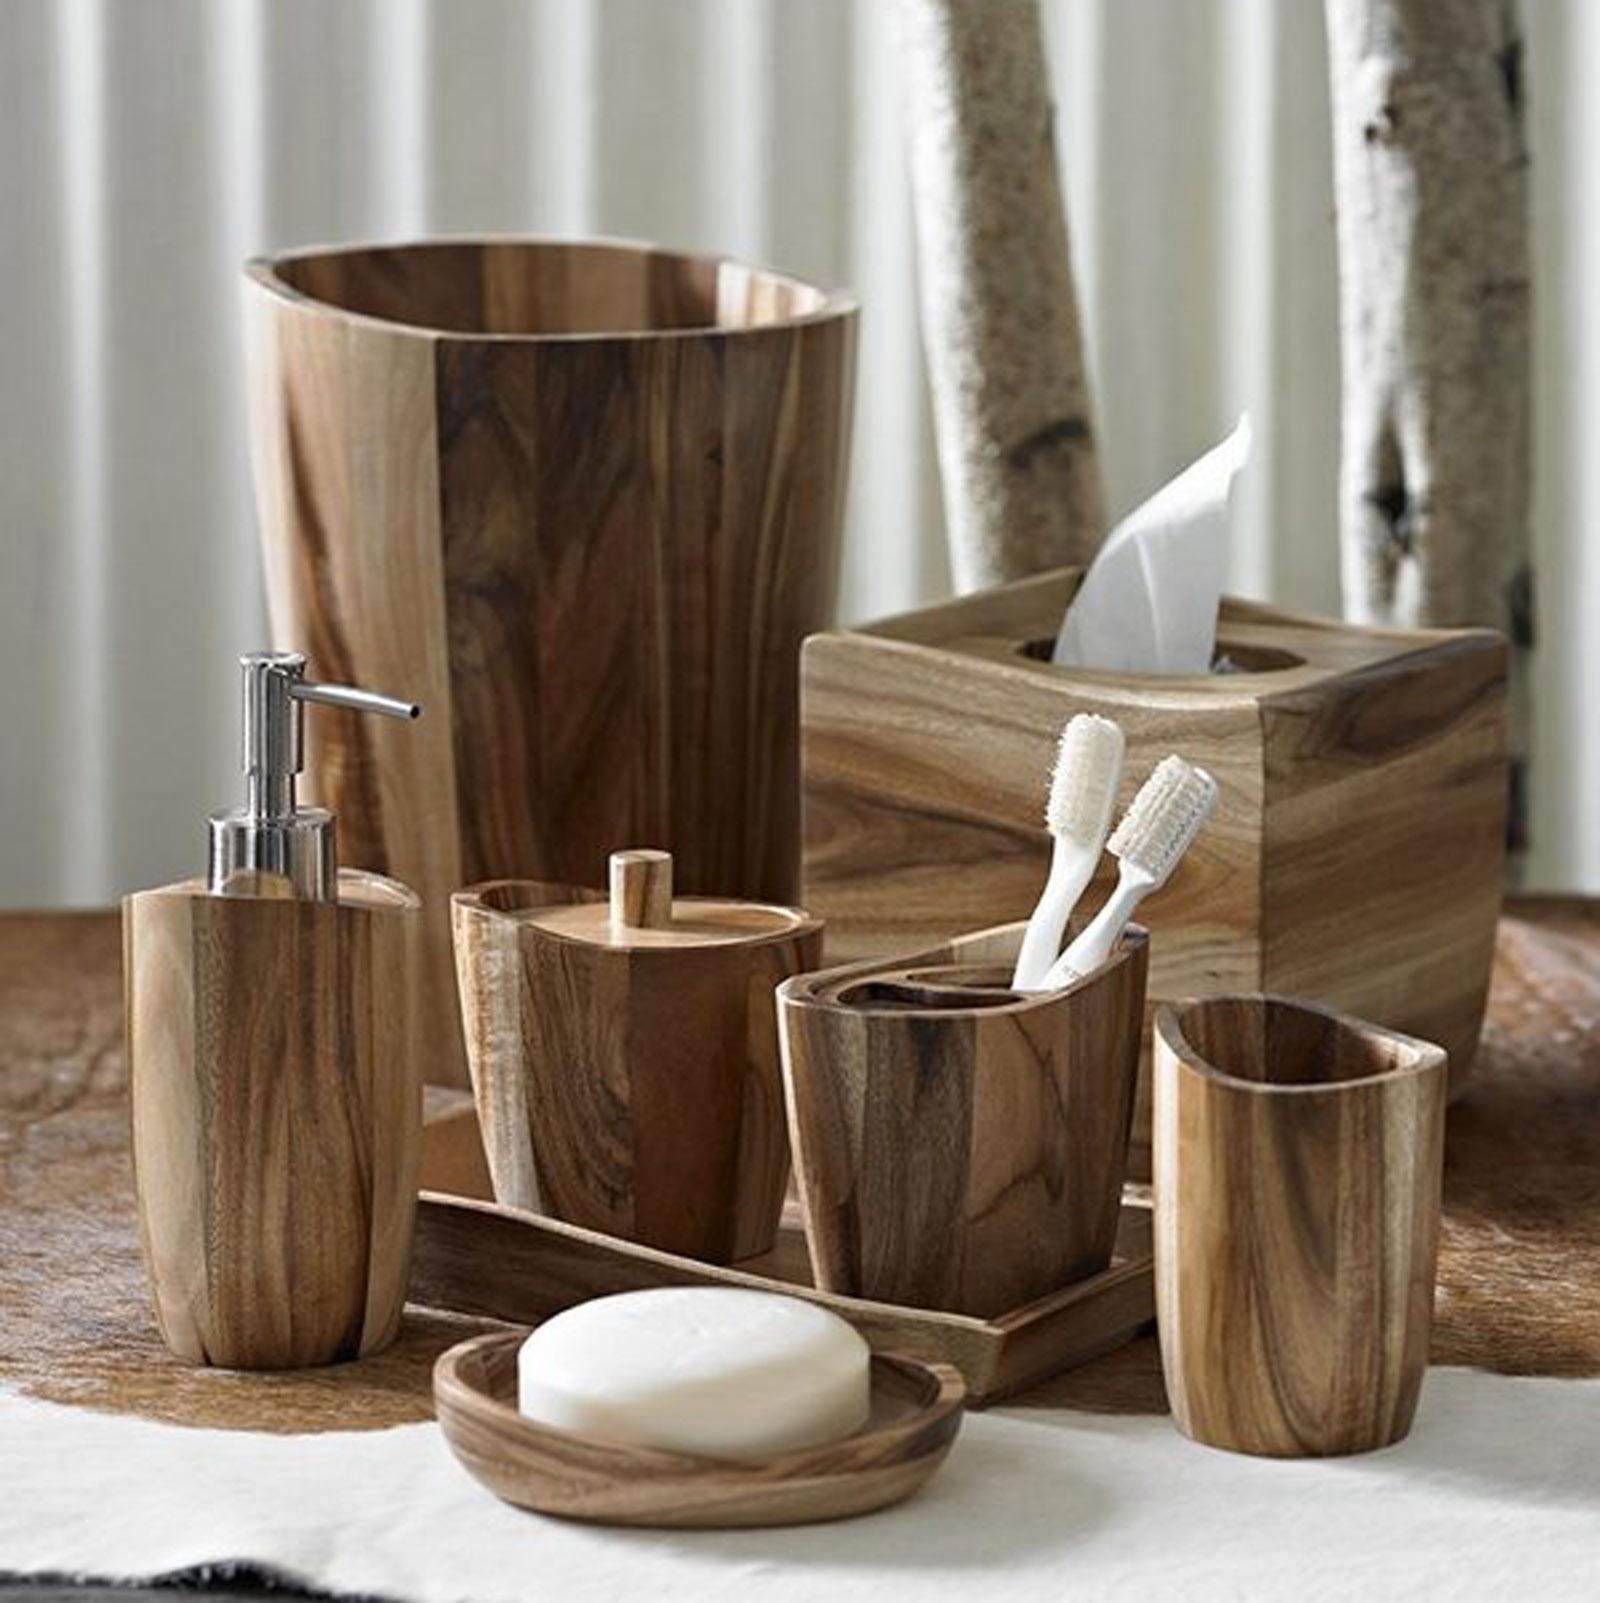 لوازم خانگی چوبی برای تمام سبک های دکوراسیون